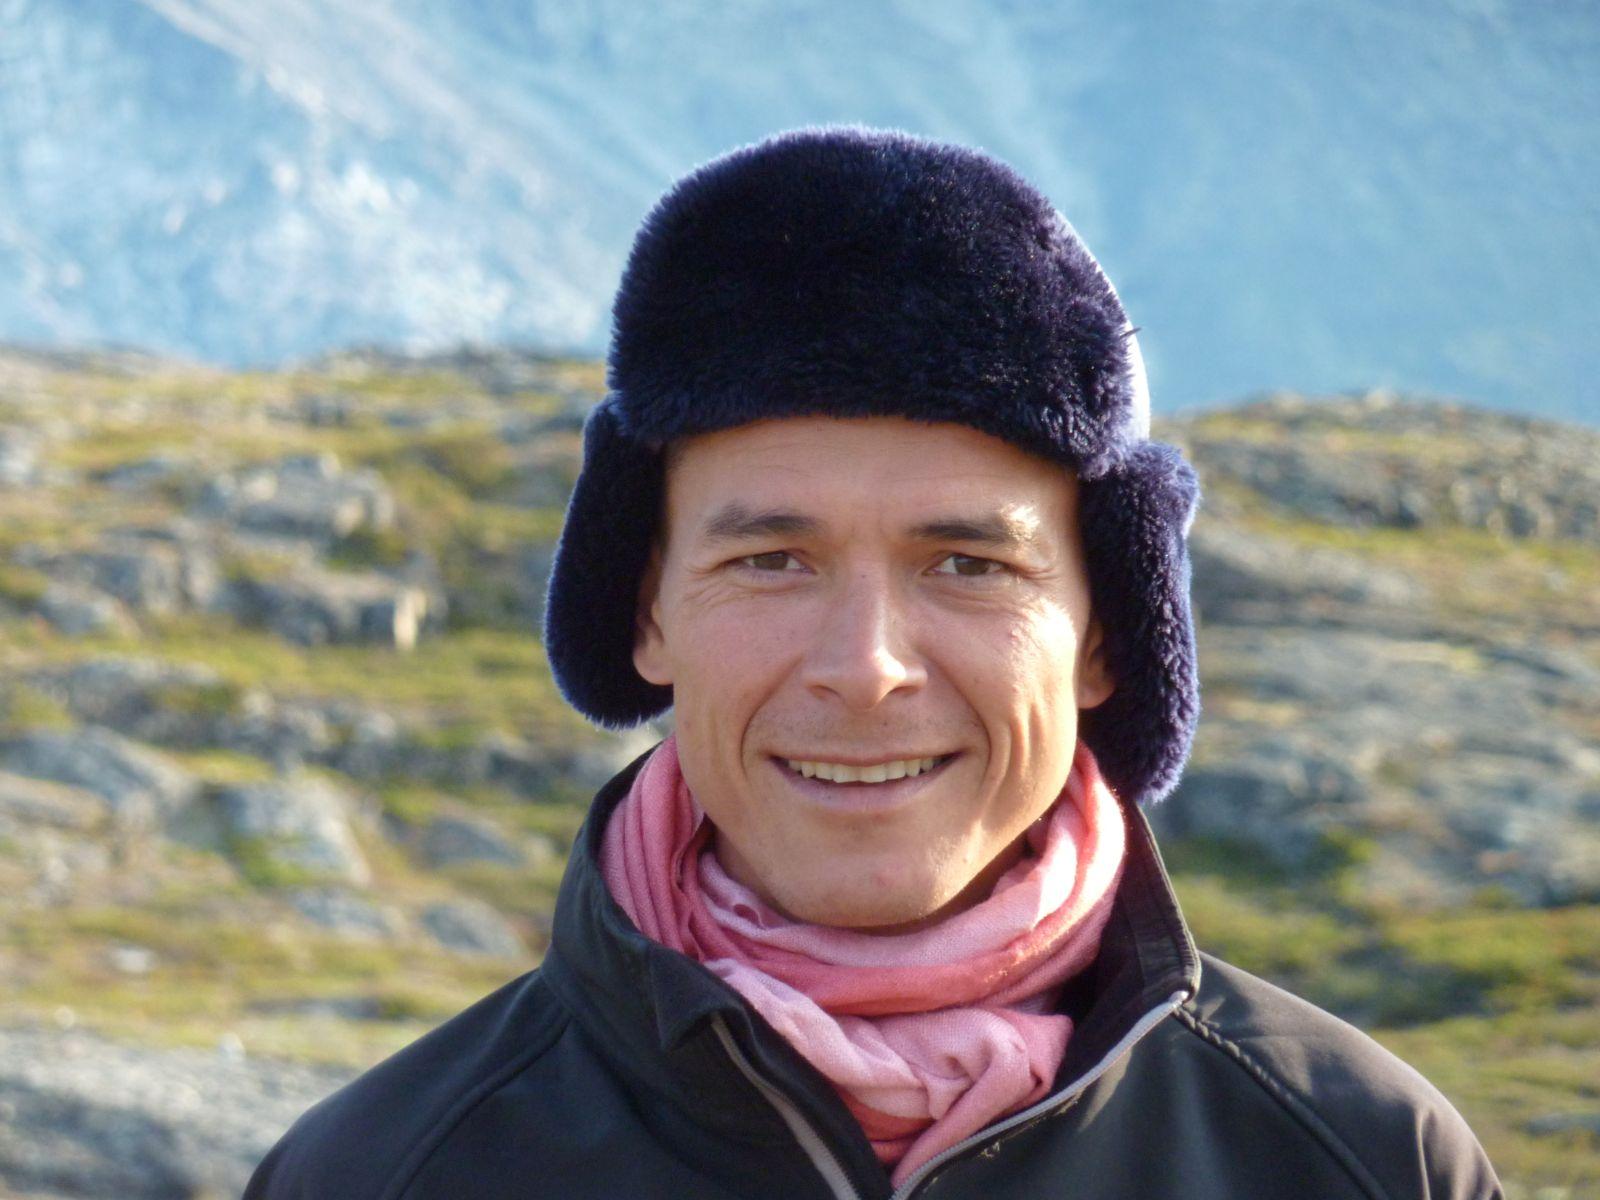 2010-08-06-0804_-_Klaus Lage Labansen_2